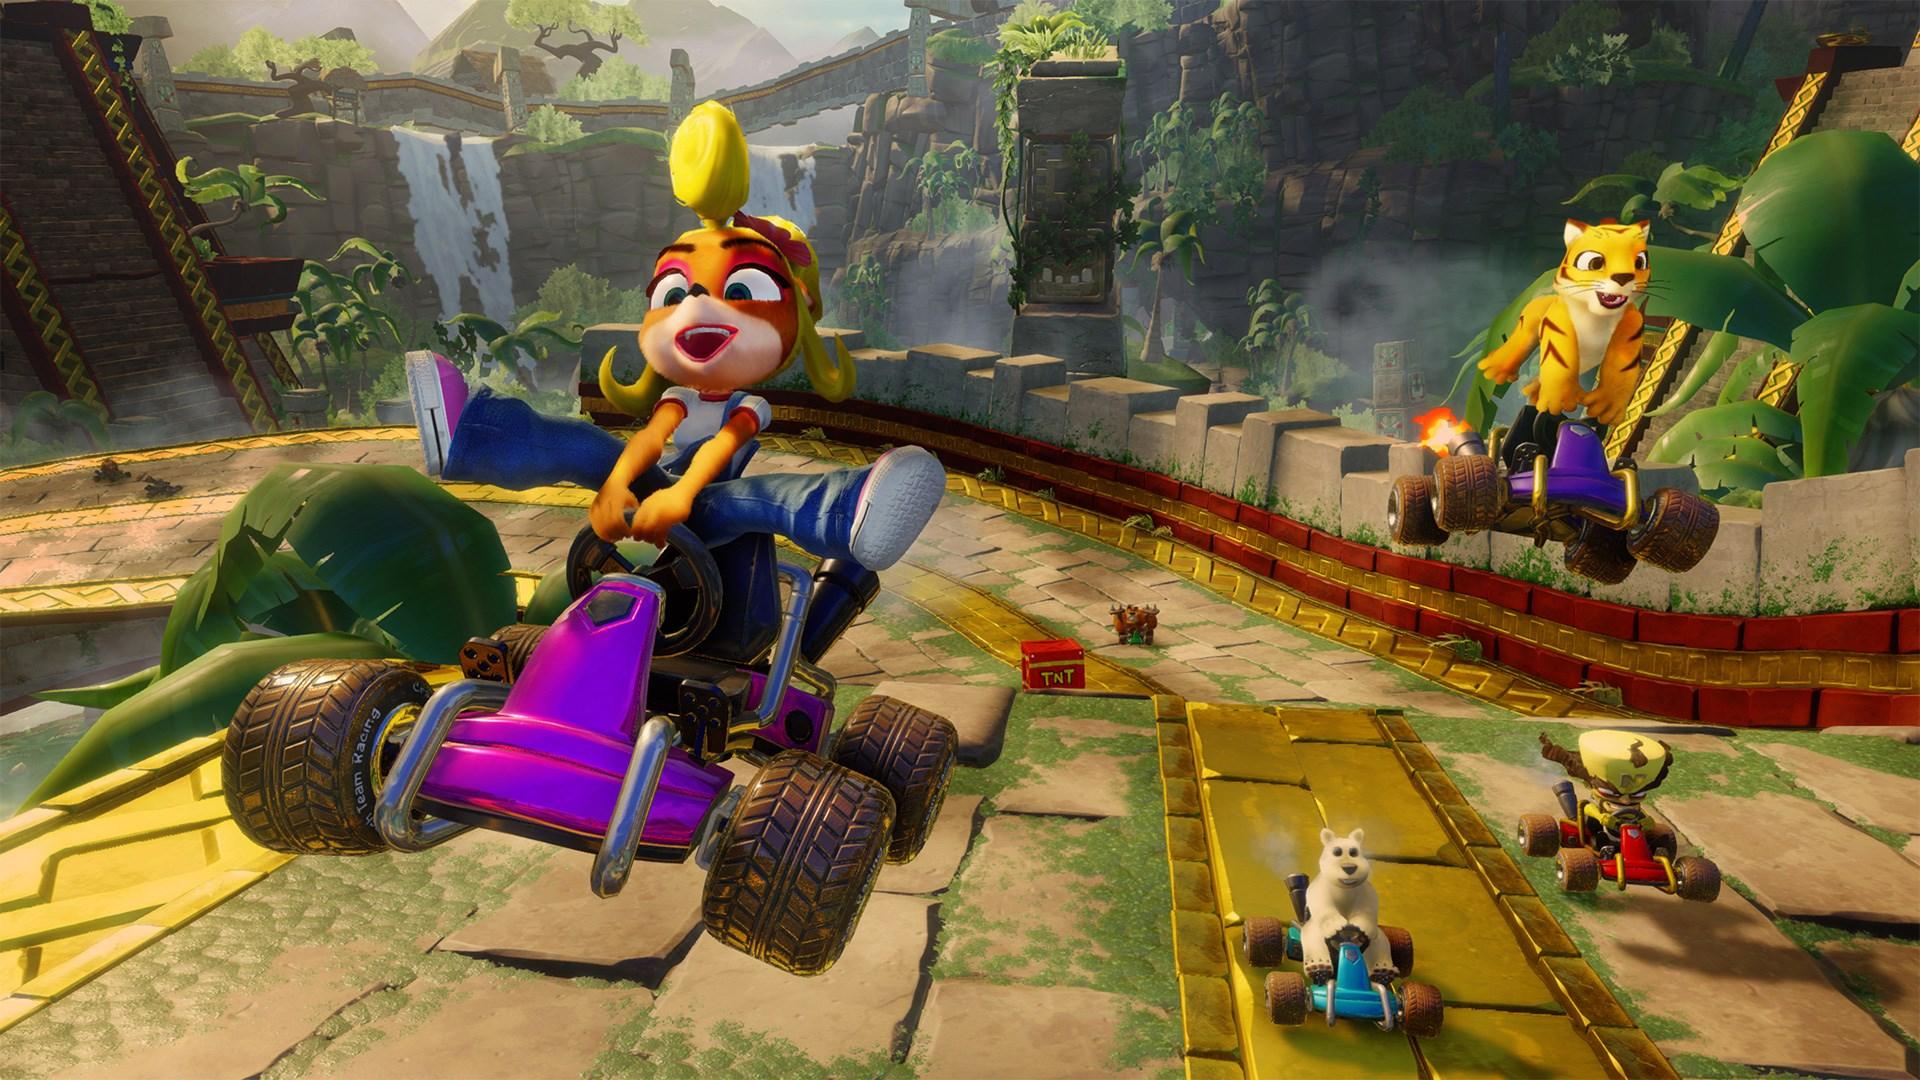 Скриншот №1 к Crash™ Team Racing Nitro-Fueled - издание Nitros Oxide